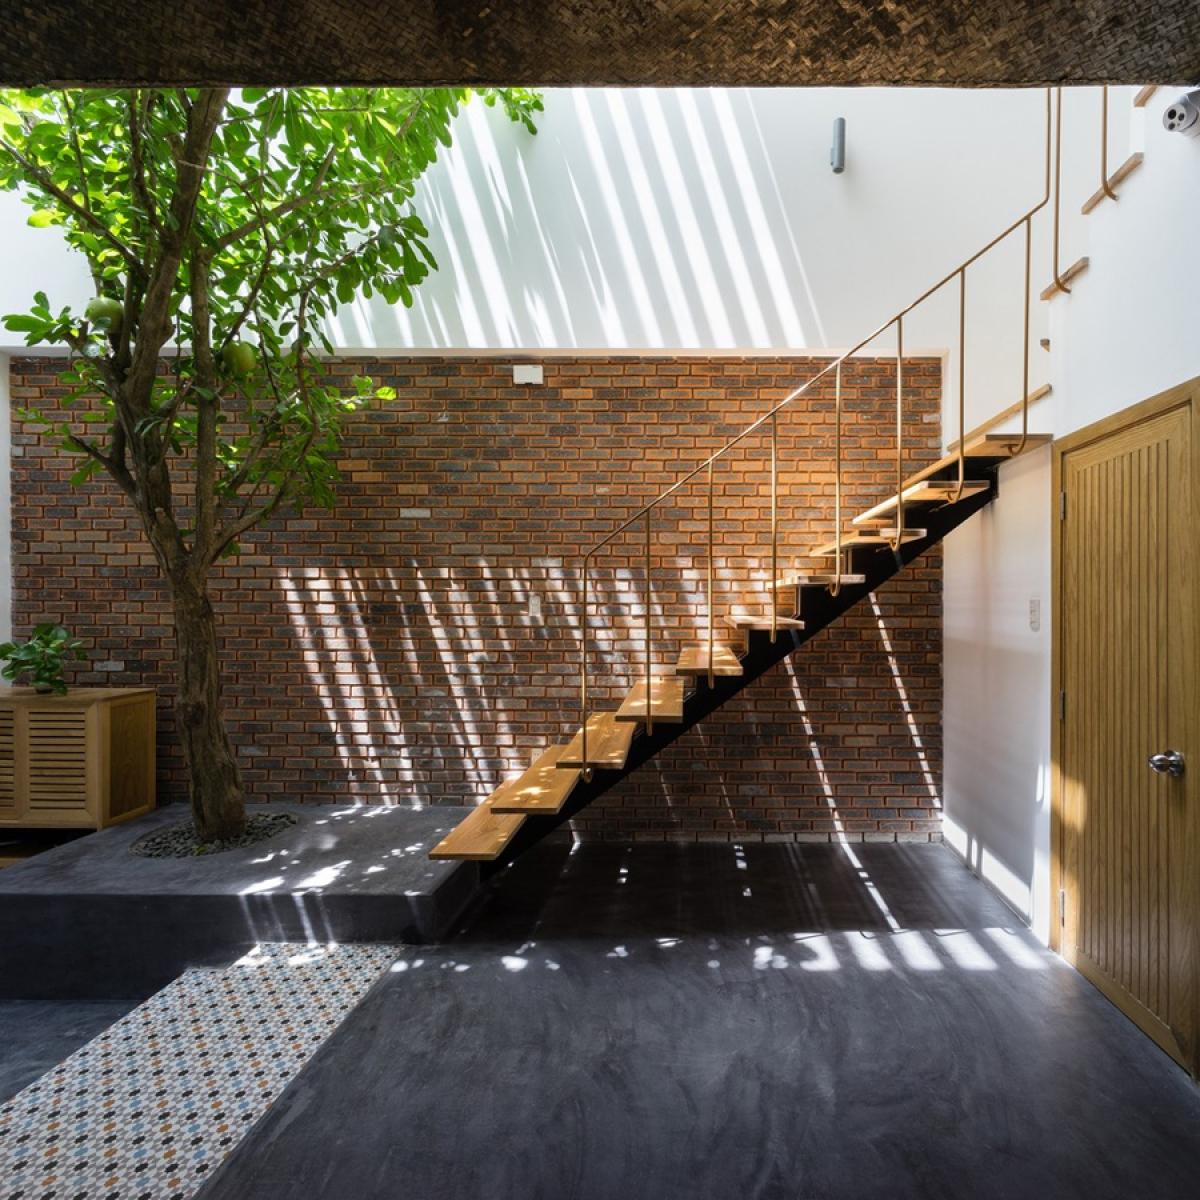 Về tổng thể, ngôi nhà được thiết kế với ý tưởng không gian nhiệt đới, gần gũi với thiên nhiên, đưa nắng gió và cây xanh vào trong nhà. Các chất liệu được sử dụng đa phần mộc mạc giản dị như bê tông trần, gạch trần không trát, gạch bông xi măng, gỗ mộc…